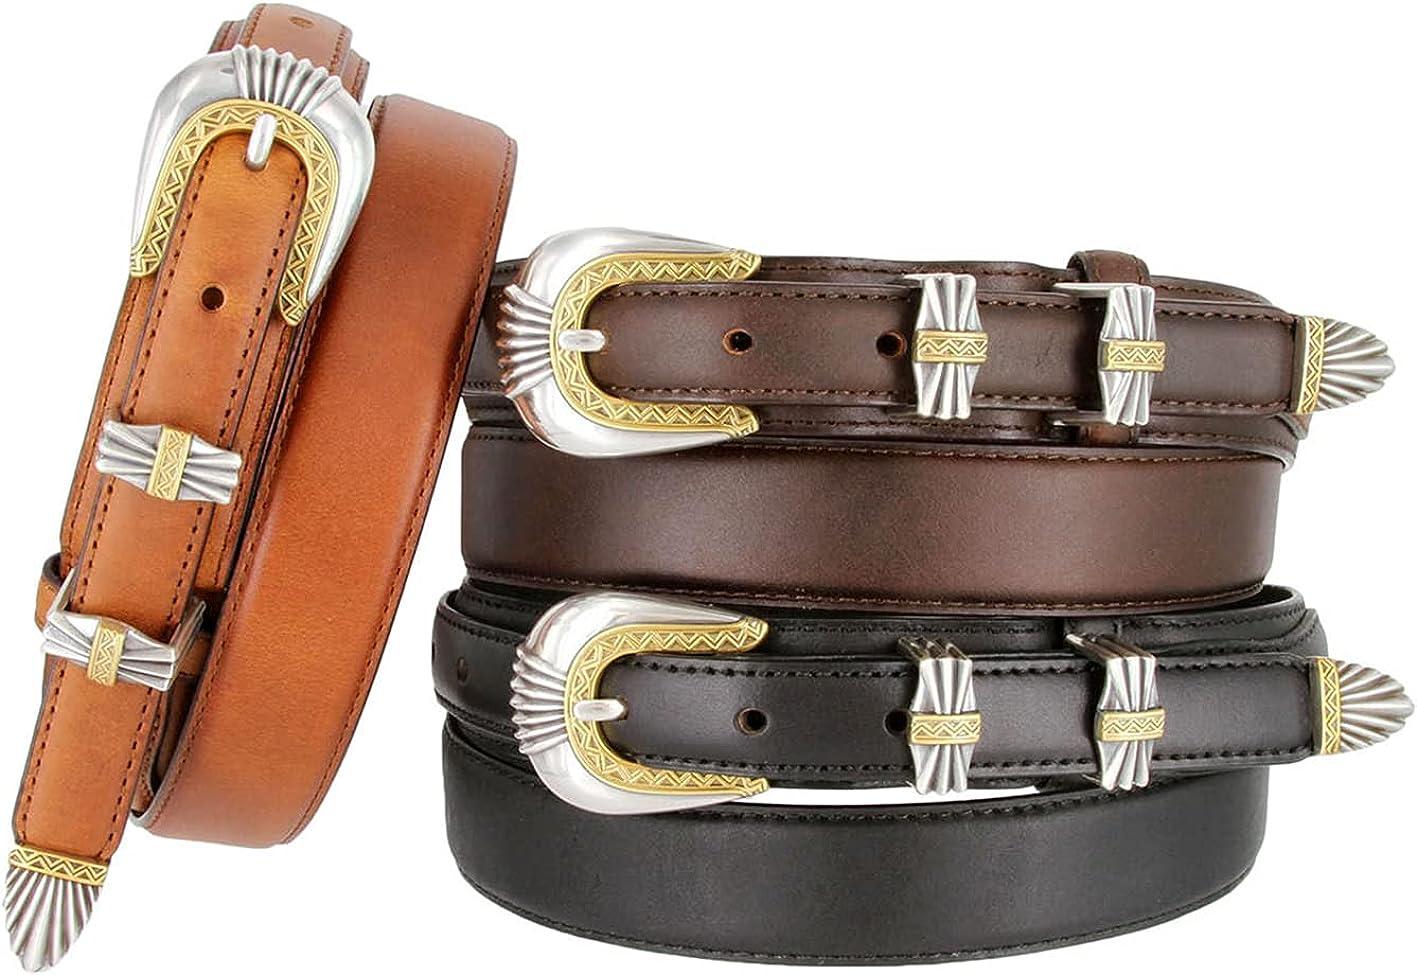 genuine leather tool jeans belt - Topics on TV Leat Genuine